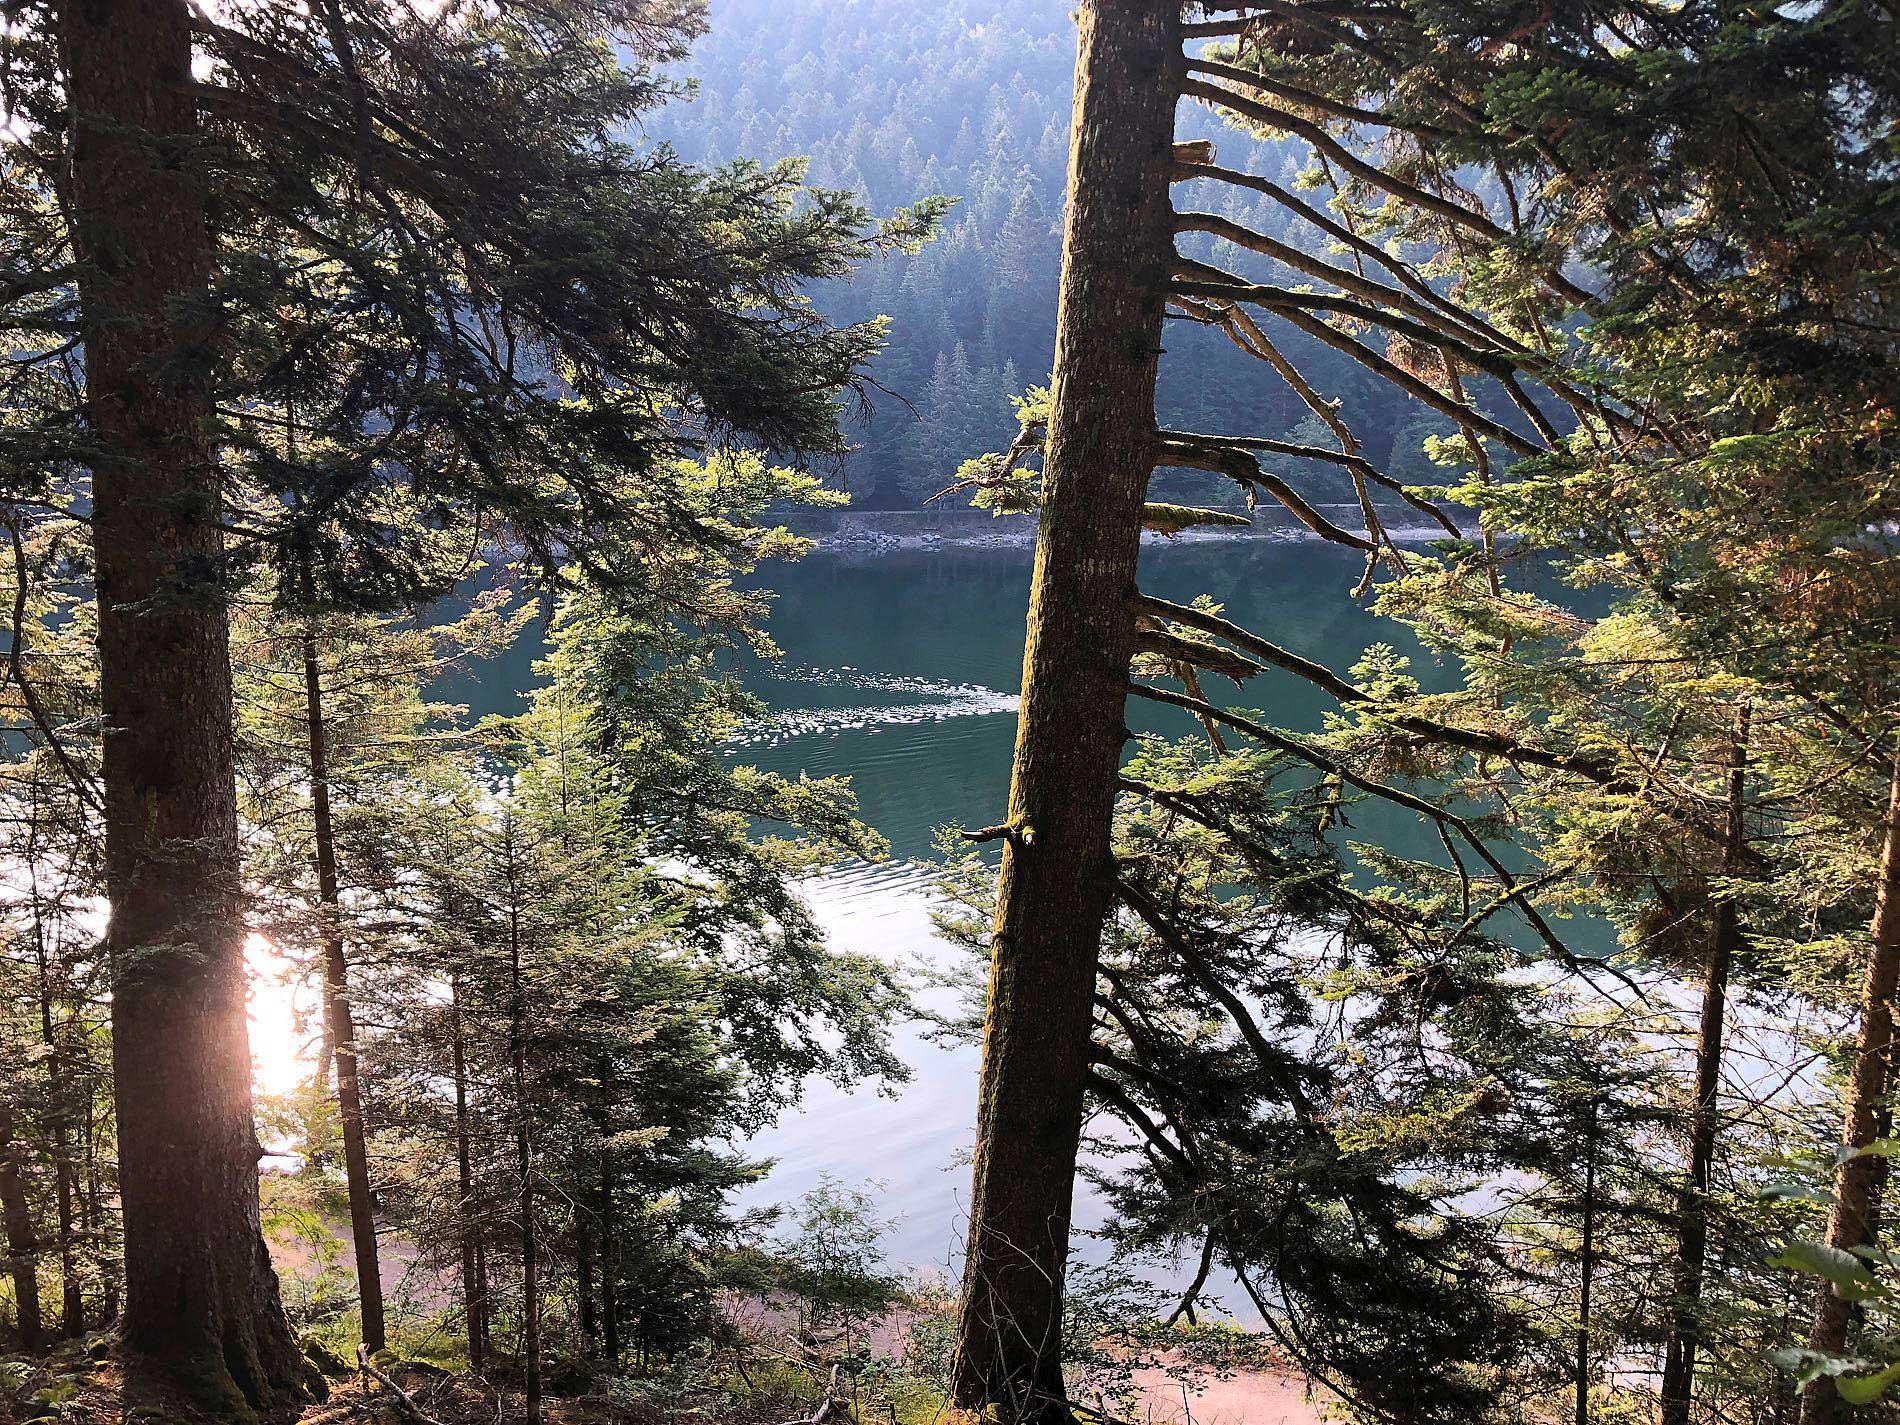 Wasser aus einem See eignet sich nicht als Trinkwasser